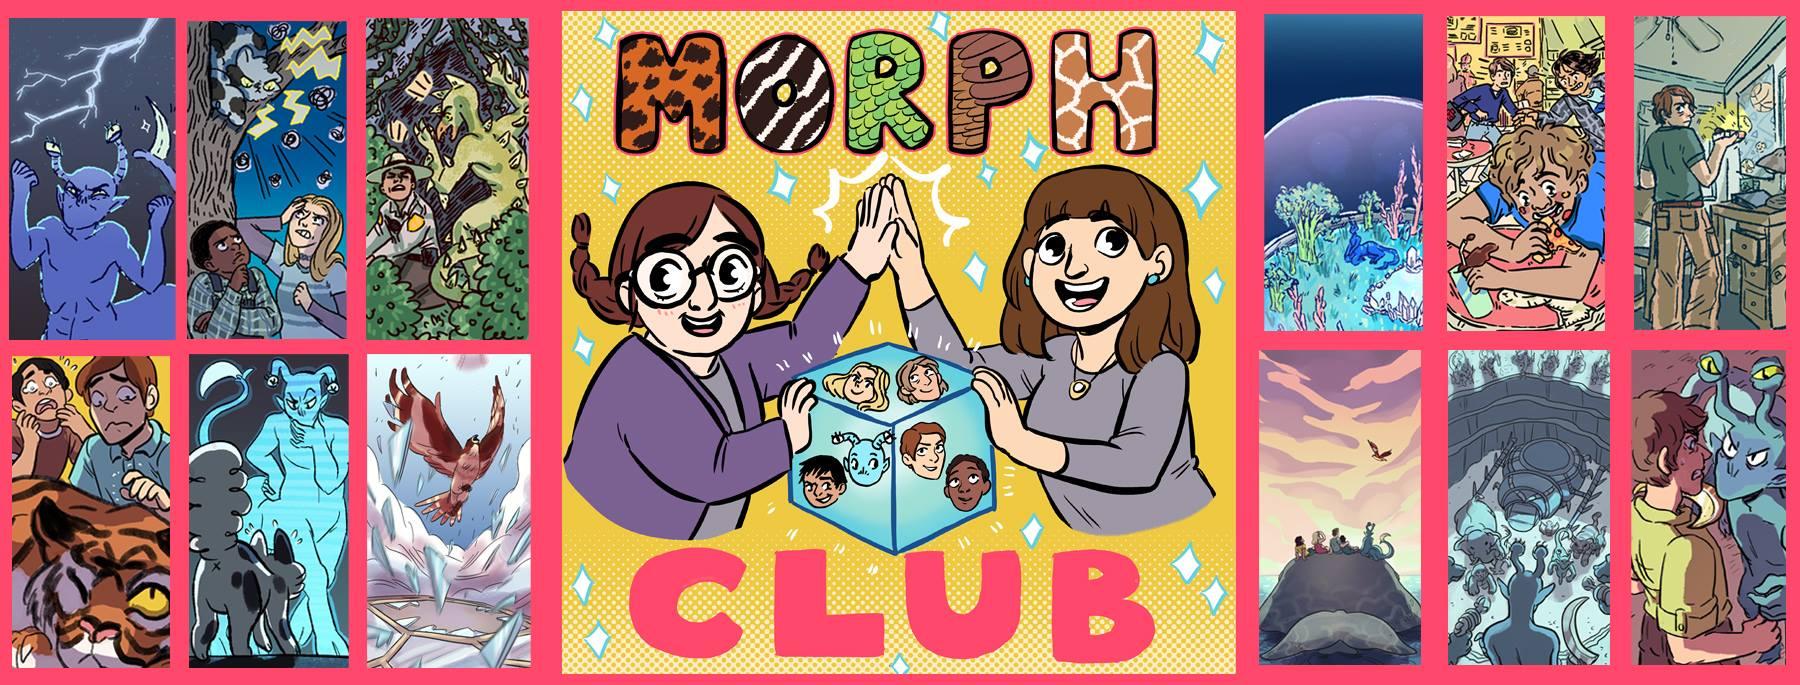 Morph Club Wallpaper Pack #1